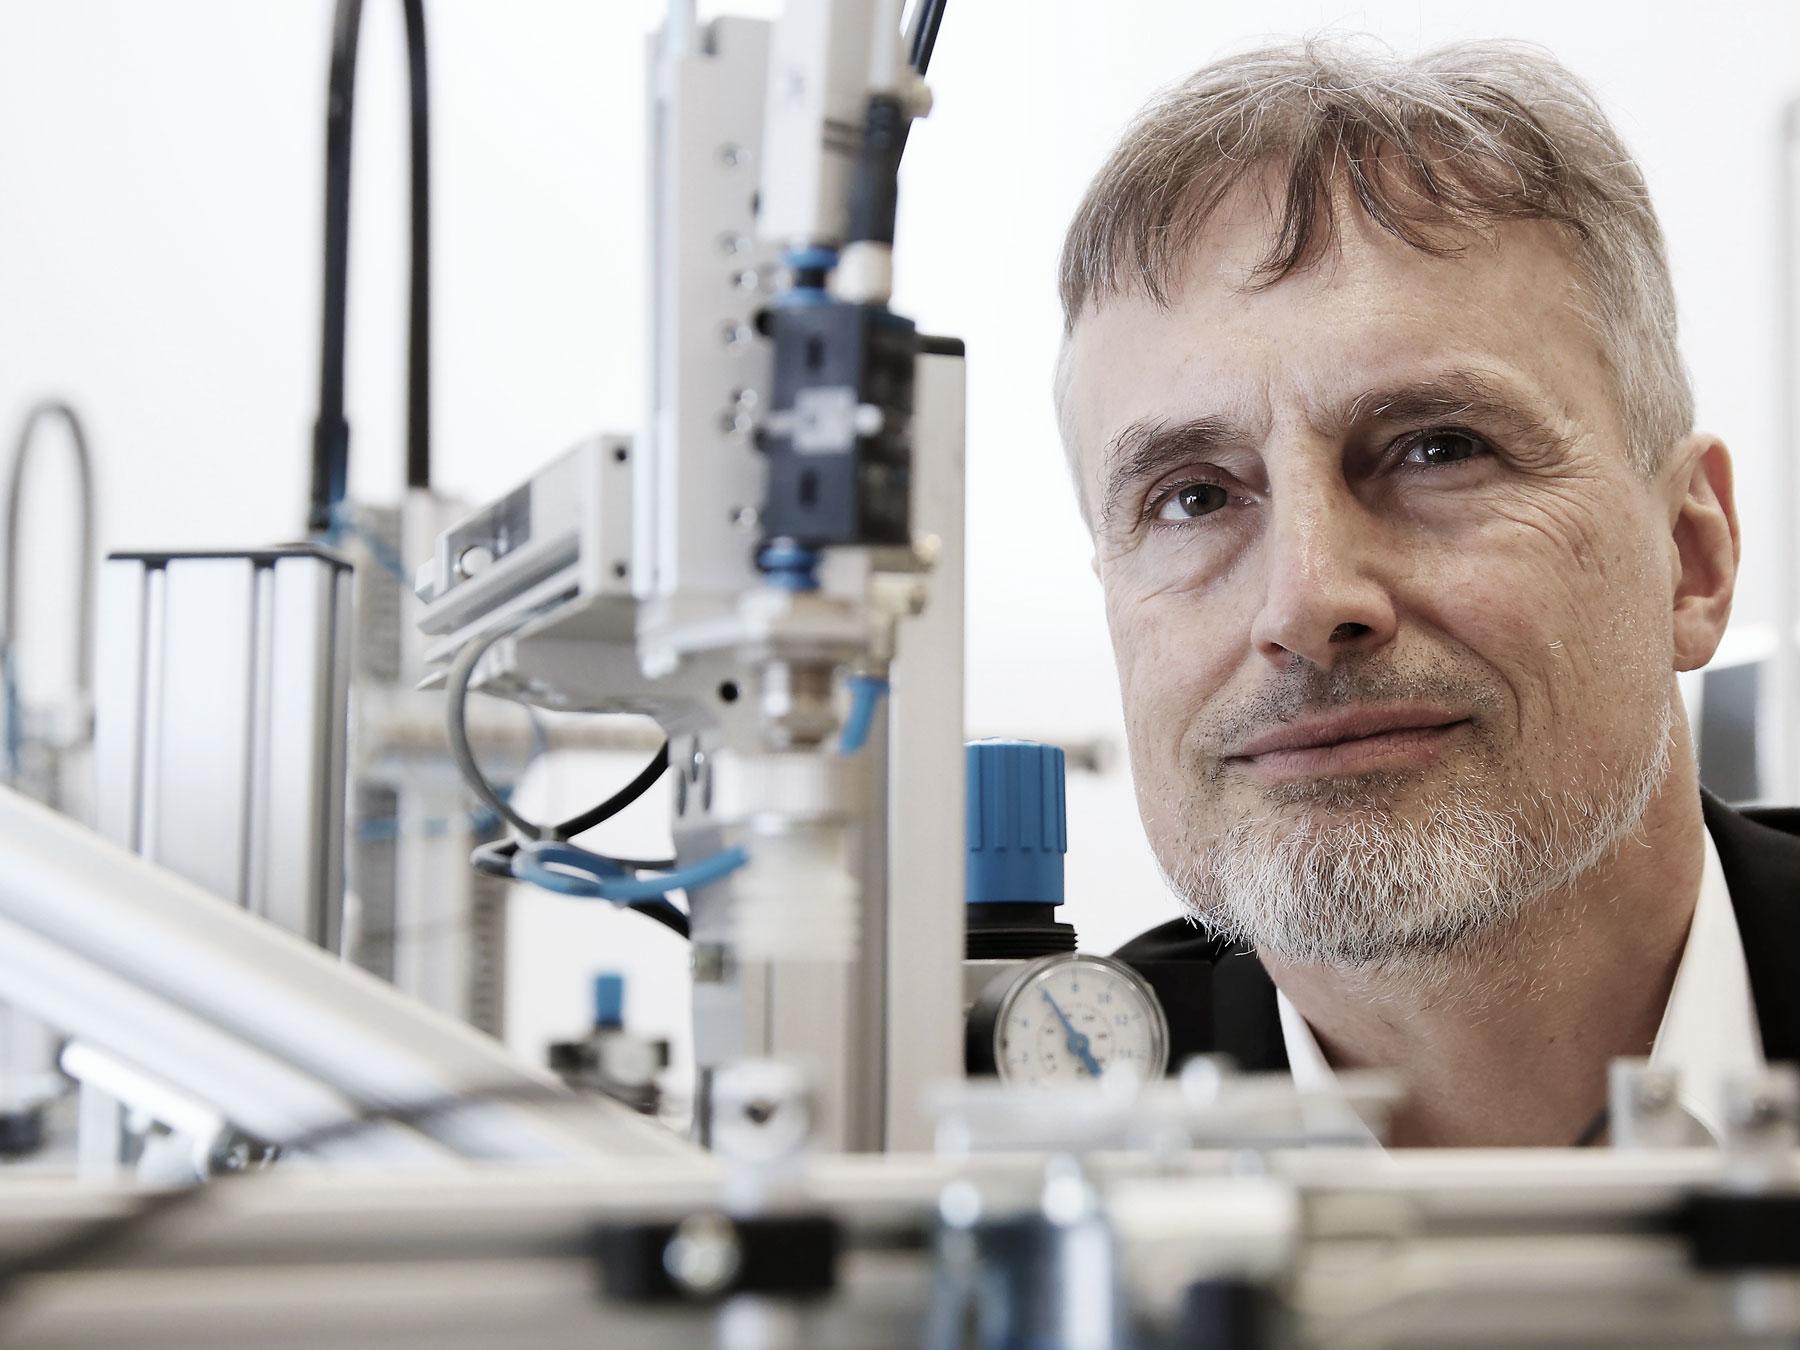 Già all'età di 15 anni voleva sviluppare personalmente qualcosa che fosse più intelligente di sé: Jürgen Schmidhuber nel laboratorio.